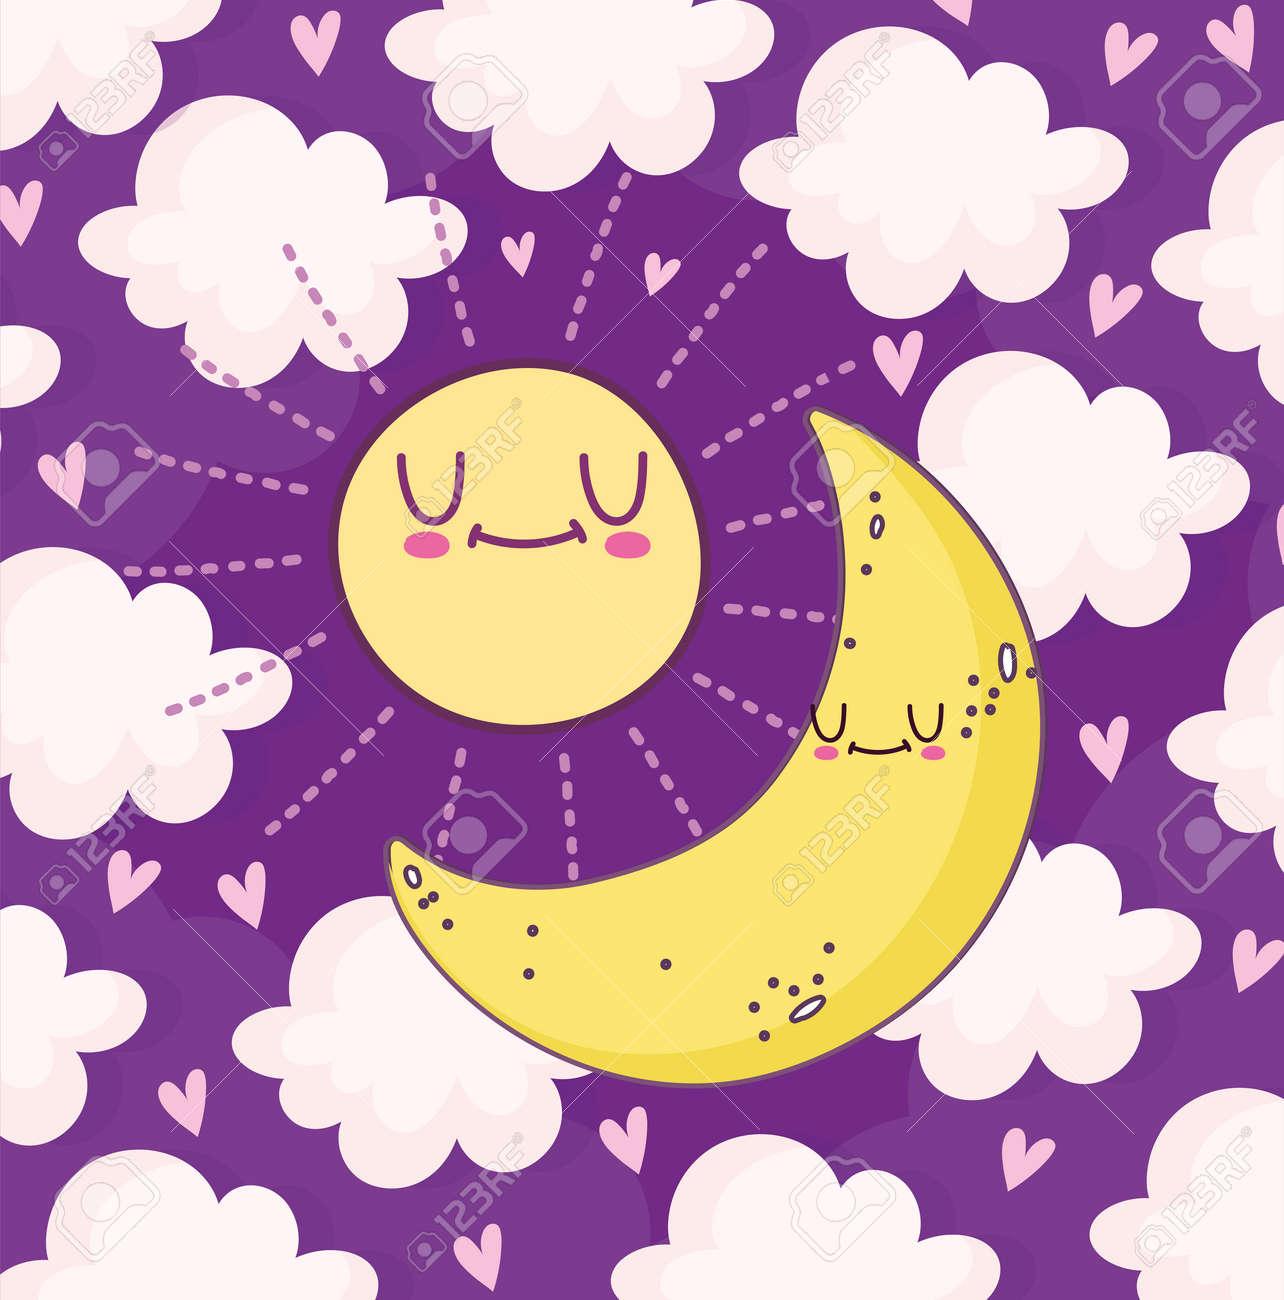 cute moon and sun - 171587086